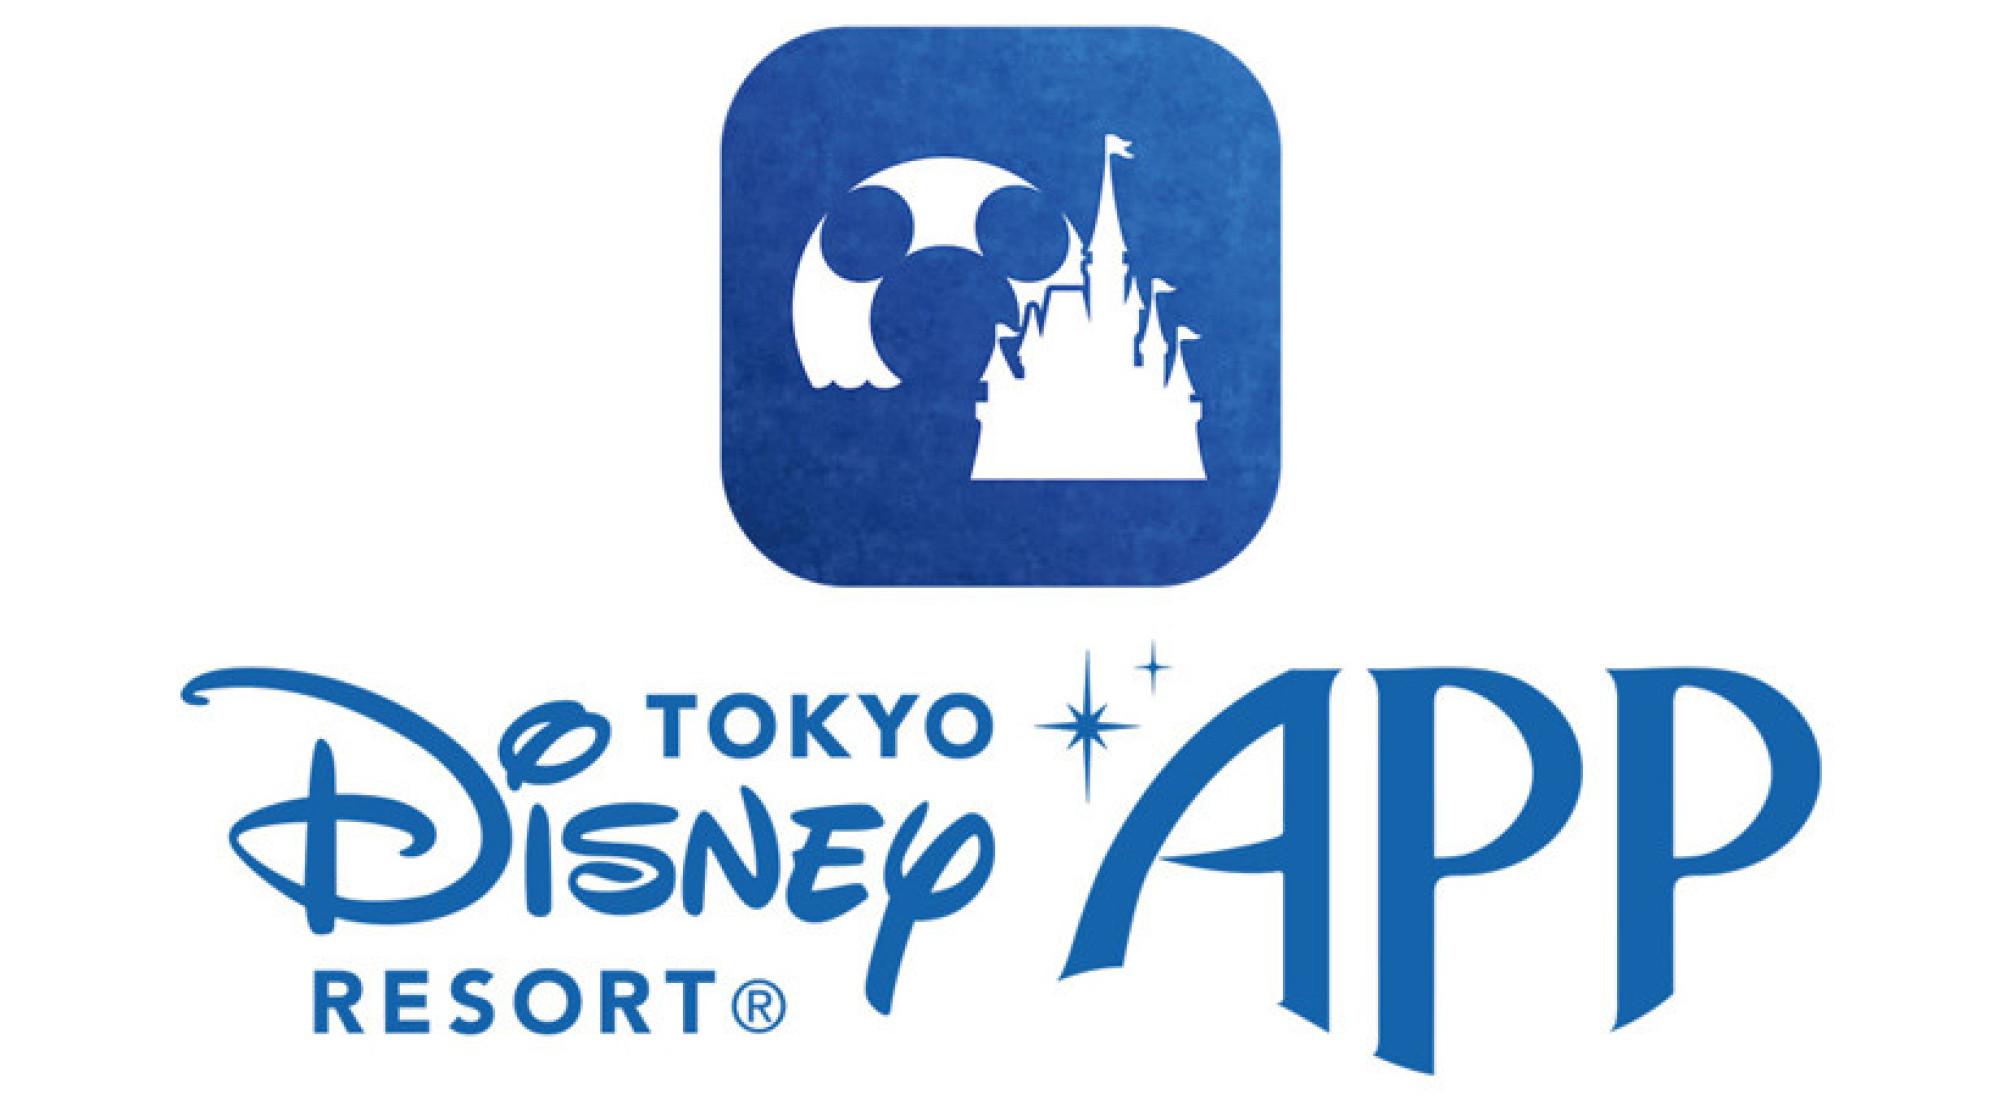 「東京ディズニーリゾートアプリ」とは?